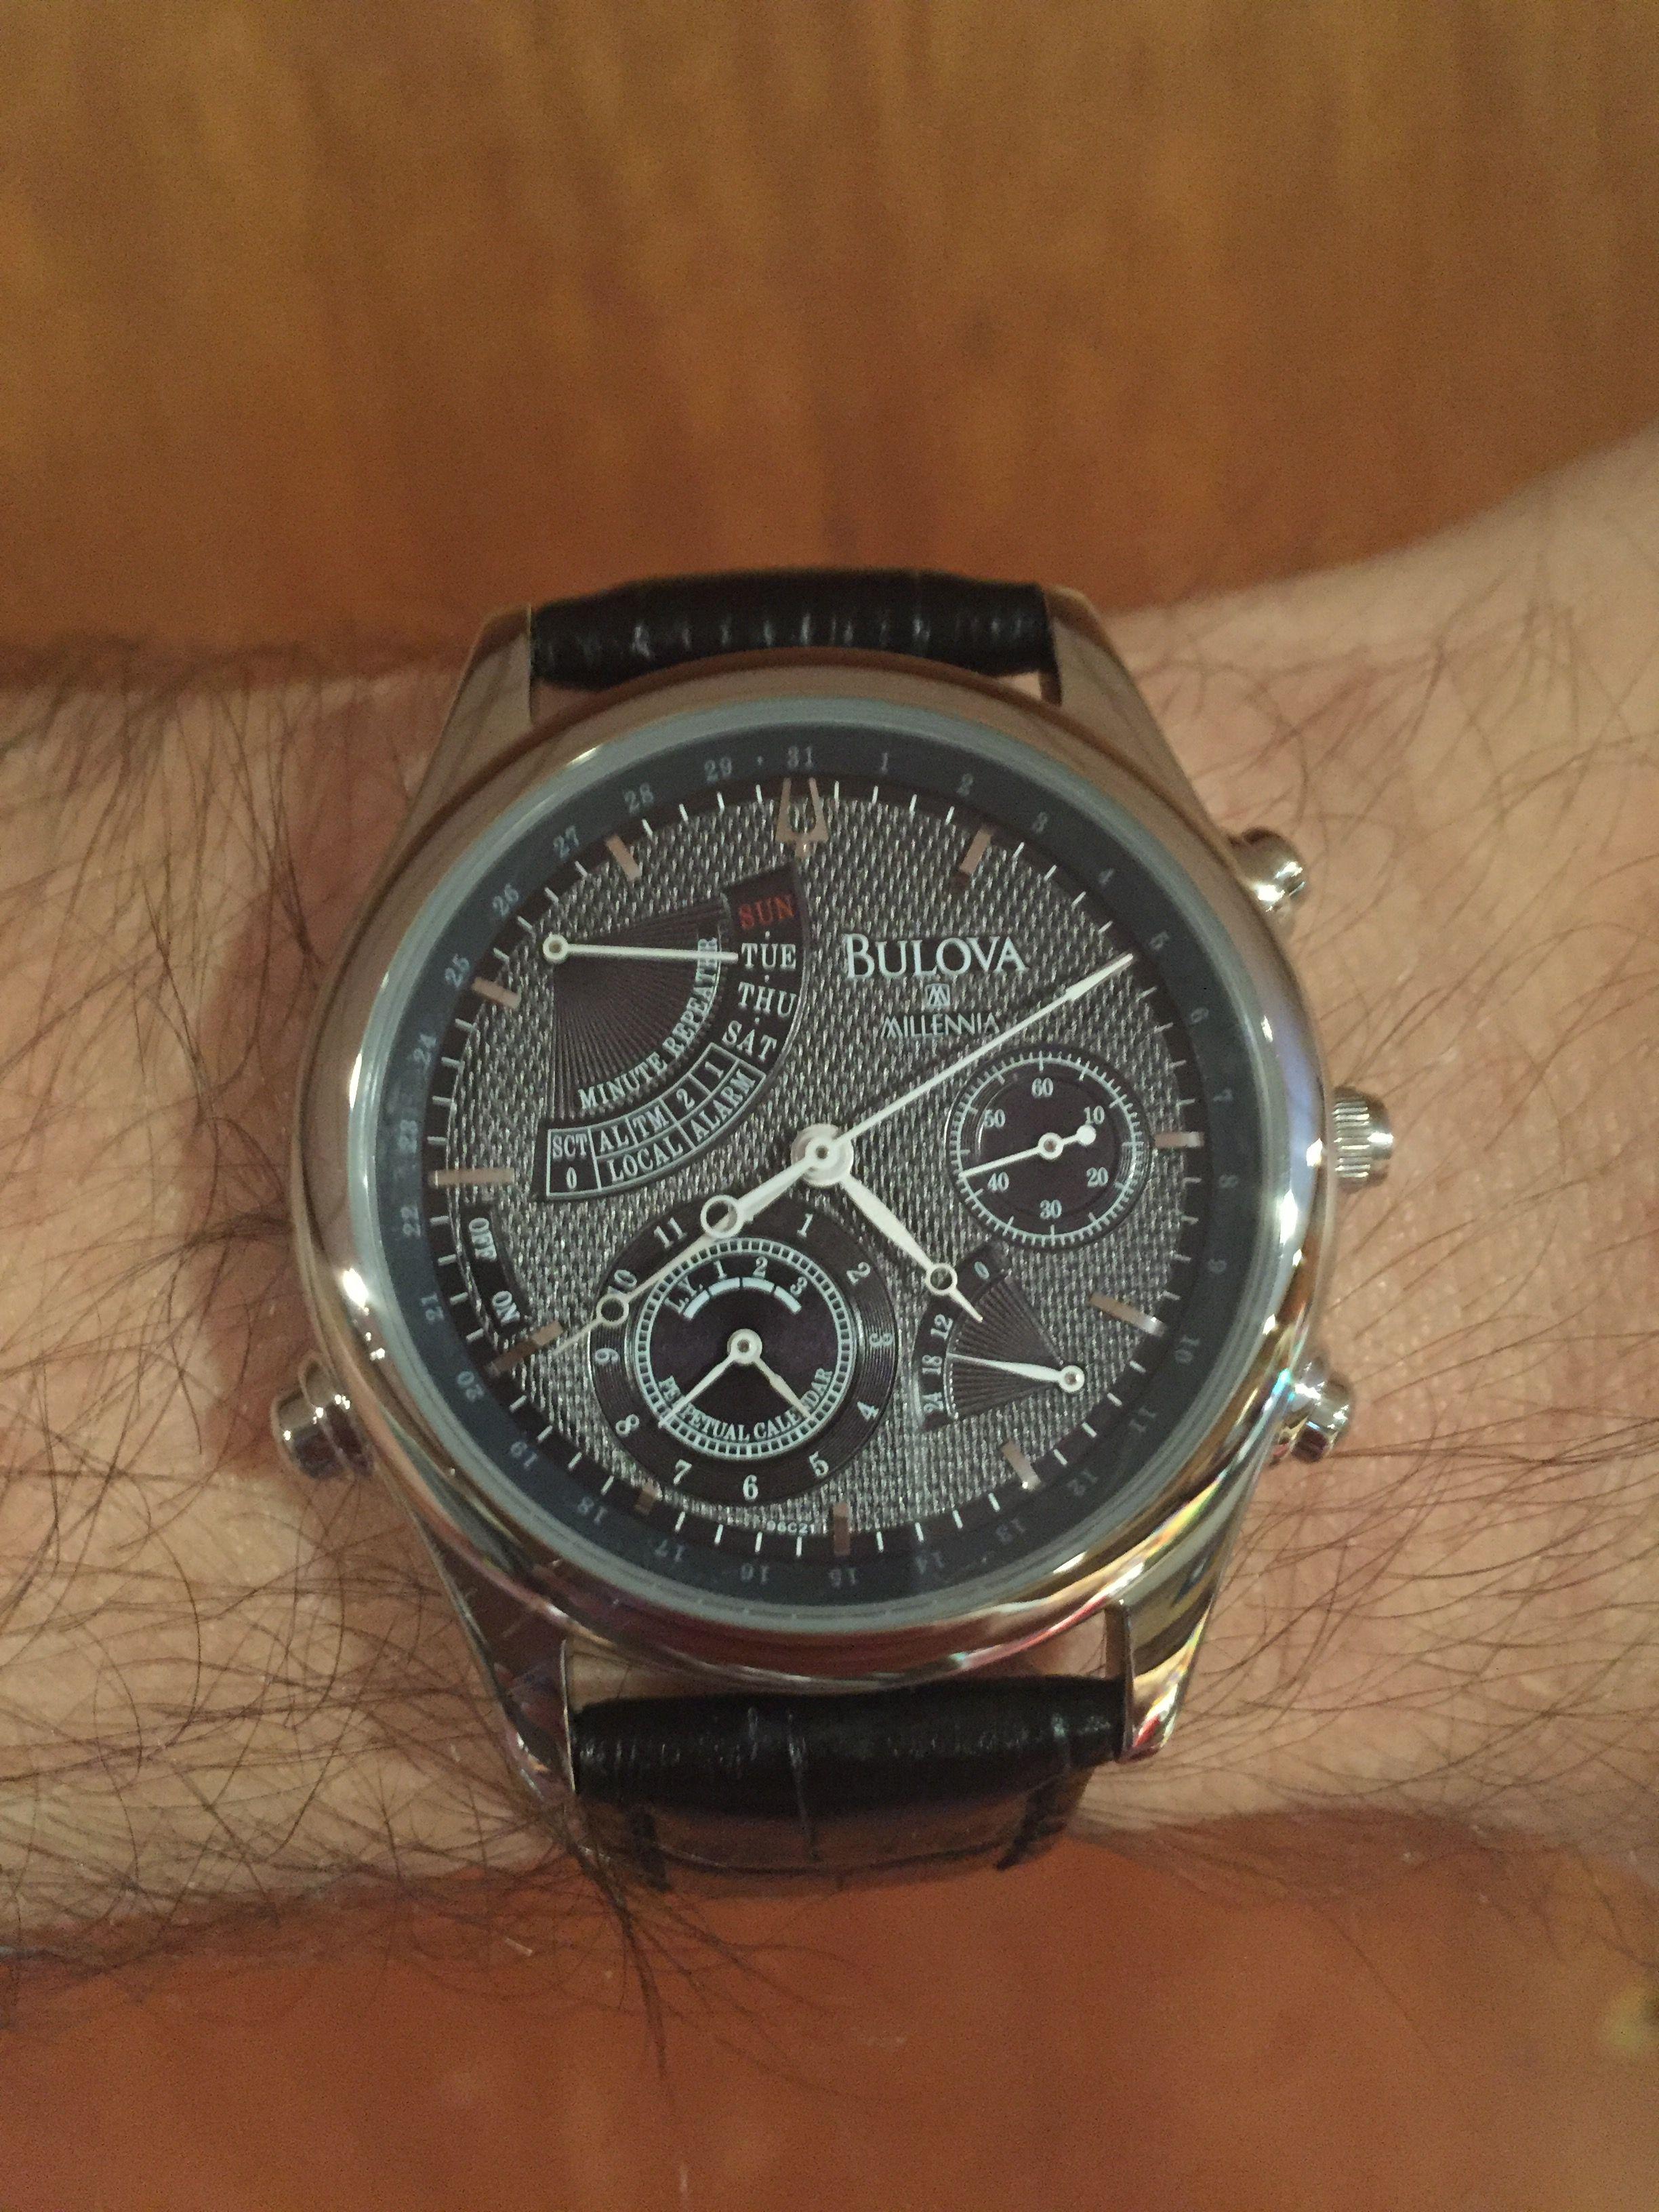 Bulova Millennia - Perpetual Calendar Minute Repeater